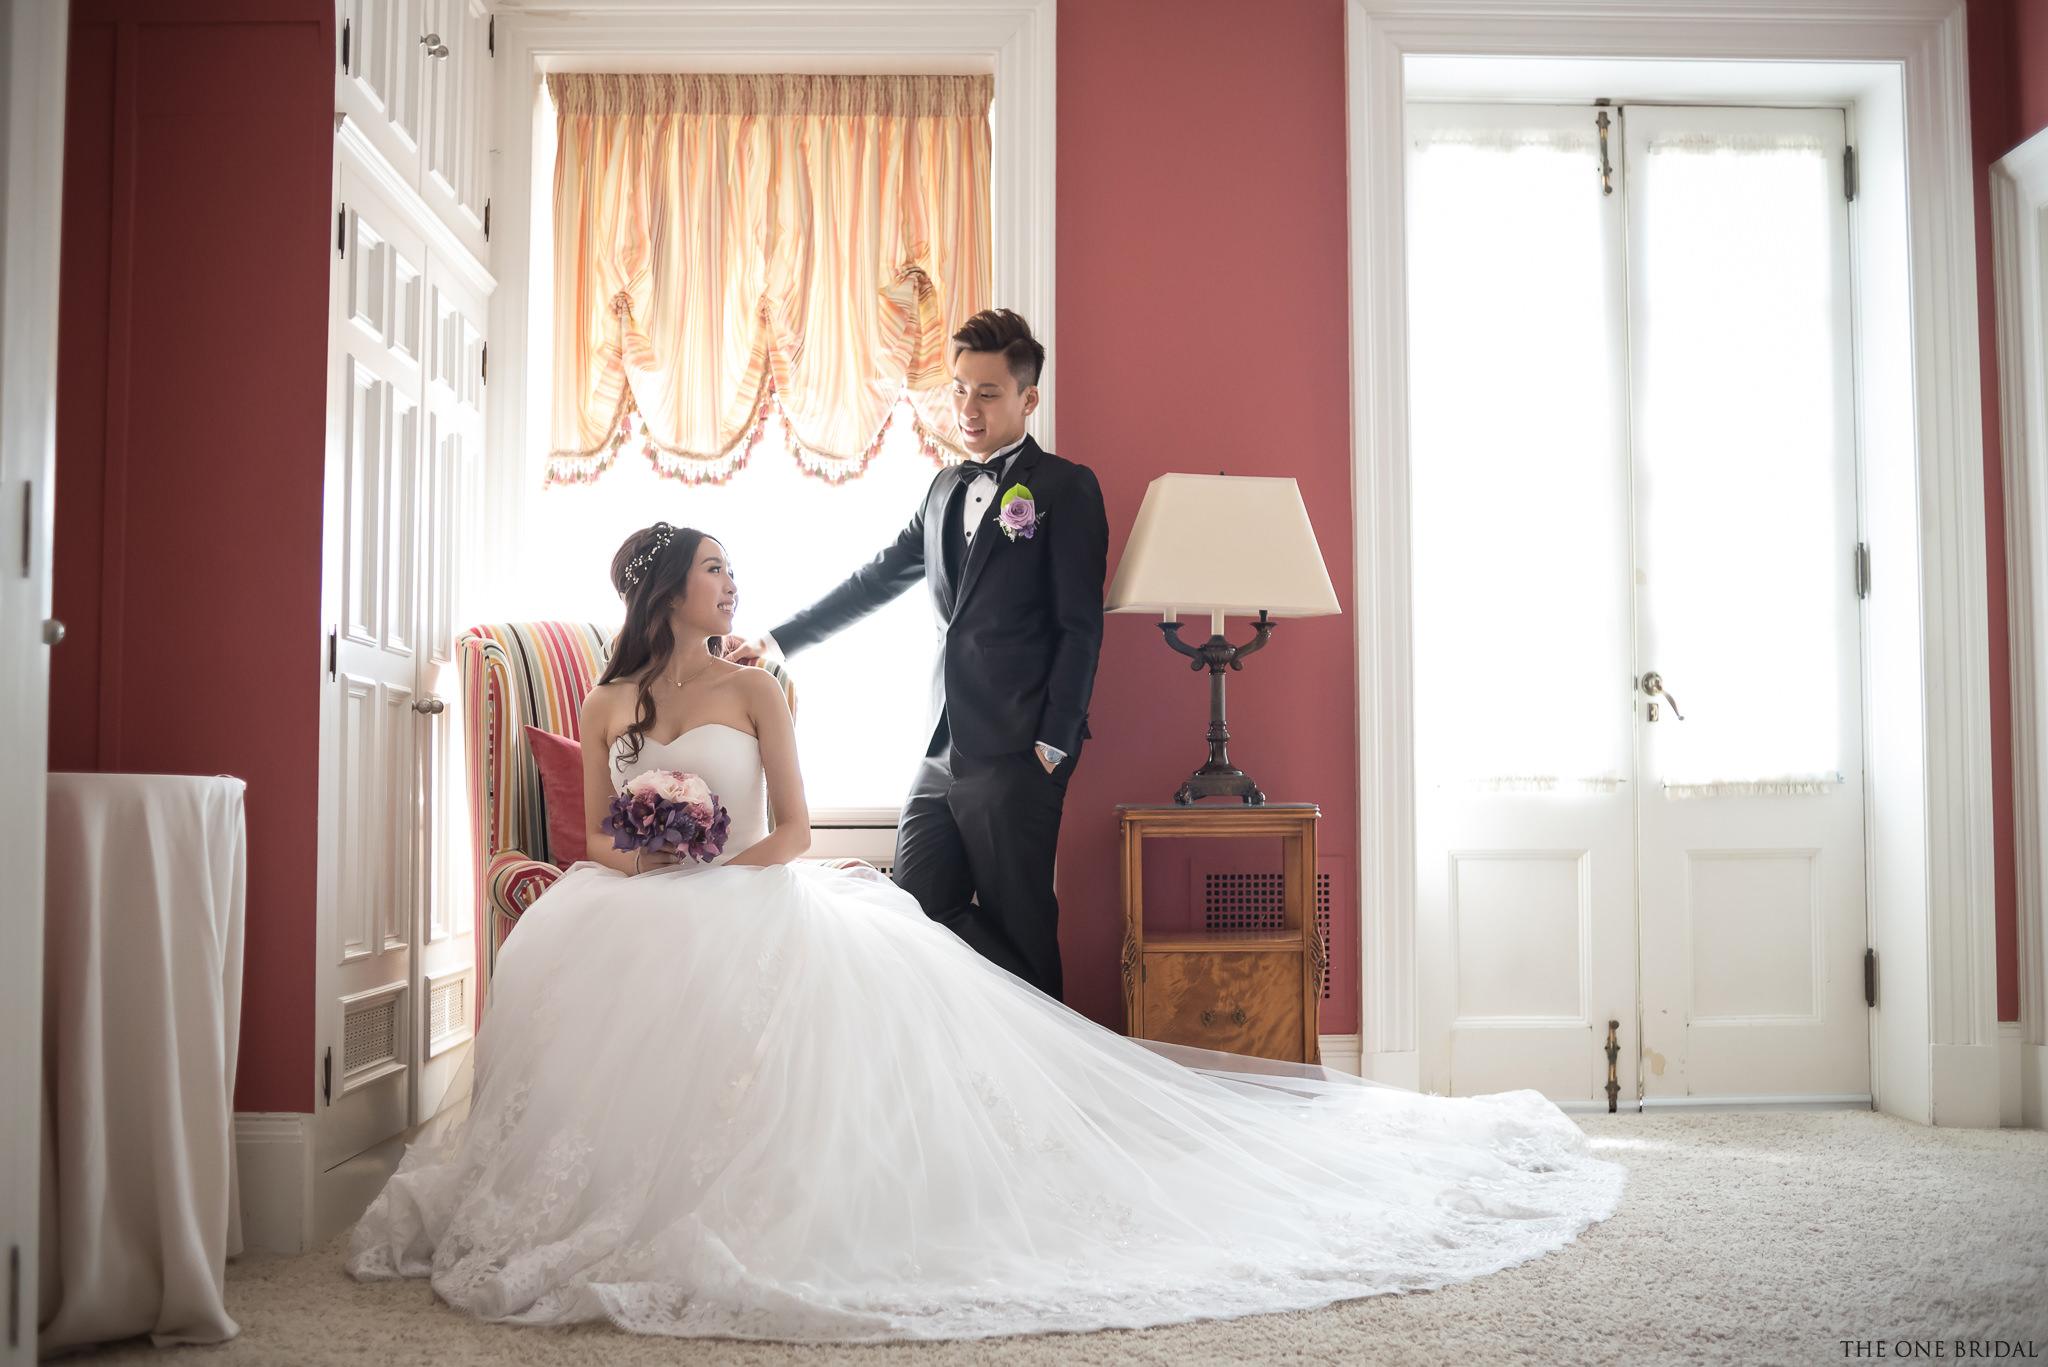 Wedding Dress, Tuxedo THE ONE BRIDAL